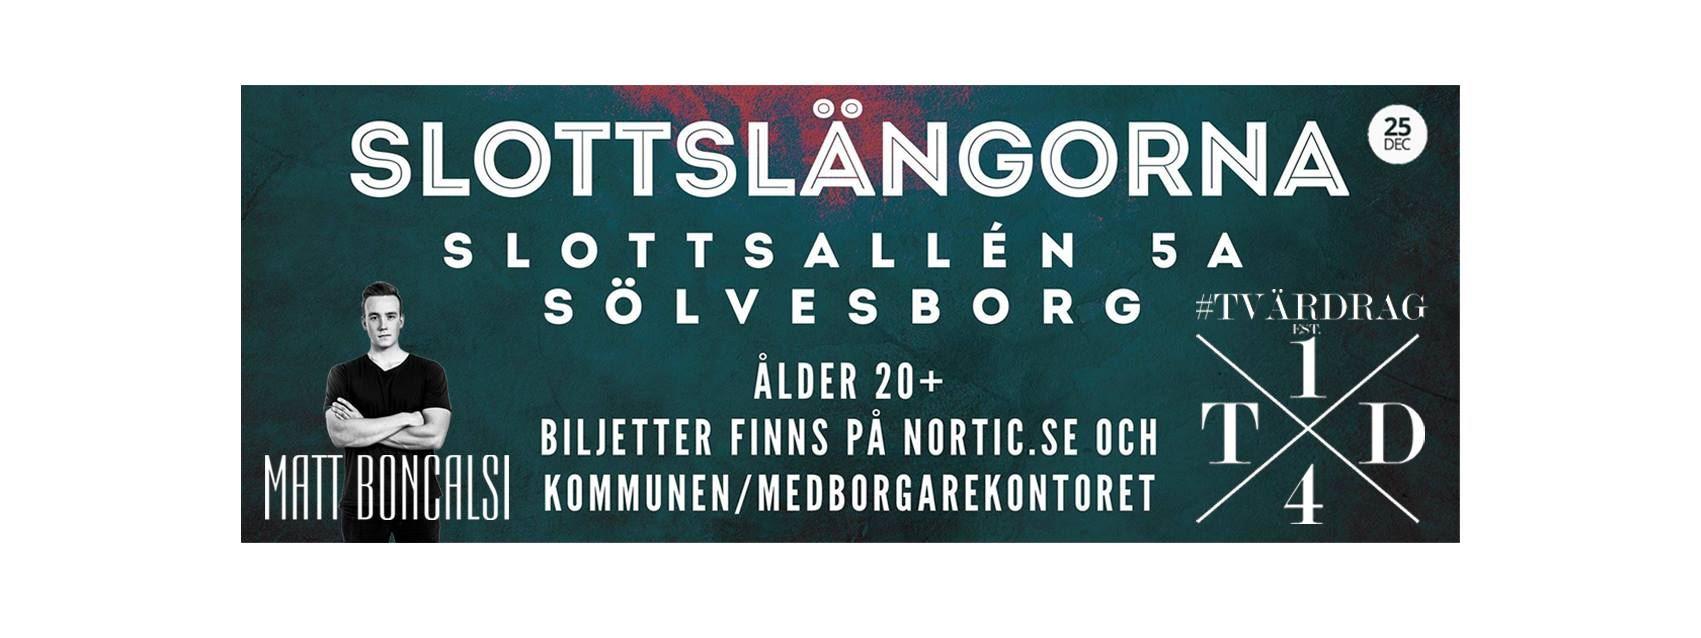 Juldagsdisco i Slottslängorna